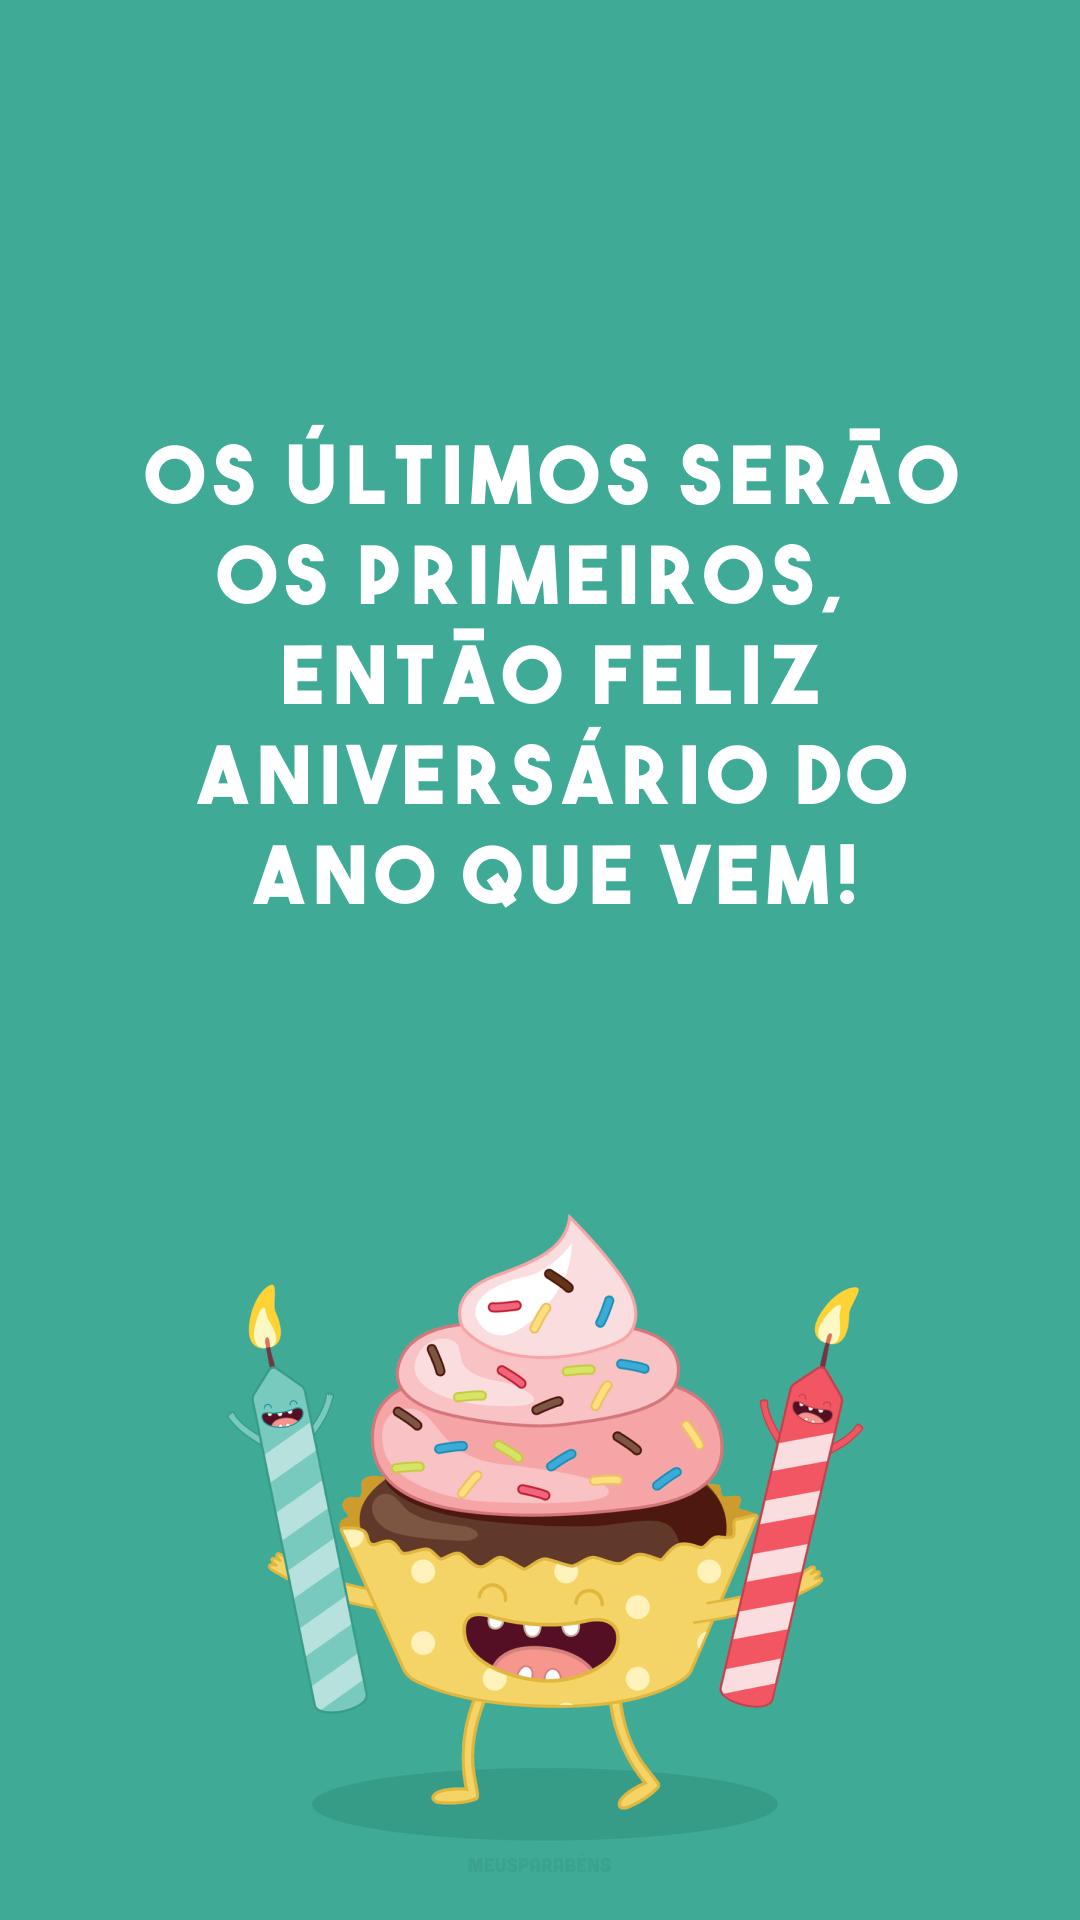 Os últimos serão os primeiros, 🎂 então feliz aniversário do ano que vem!